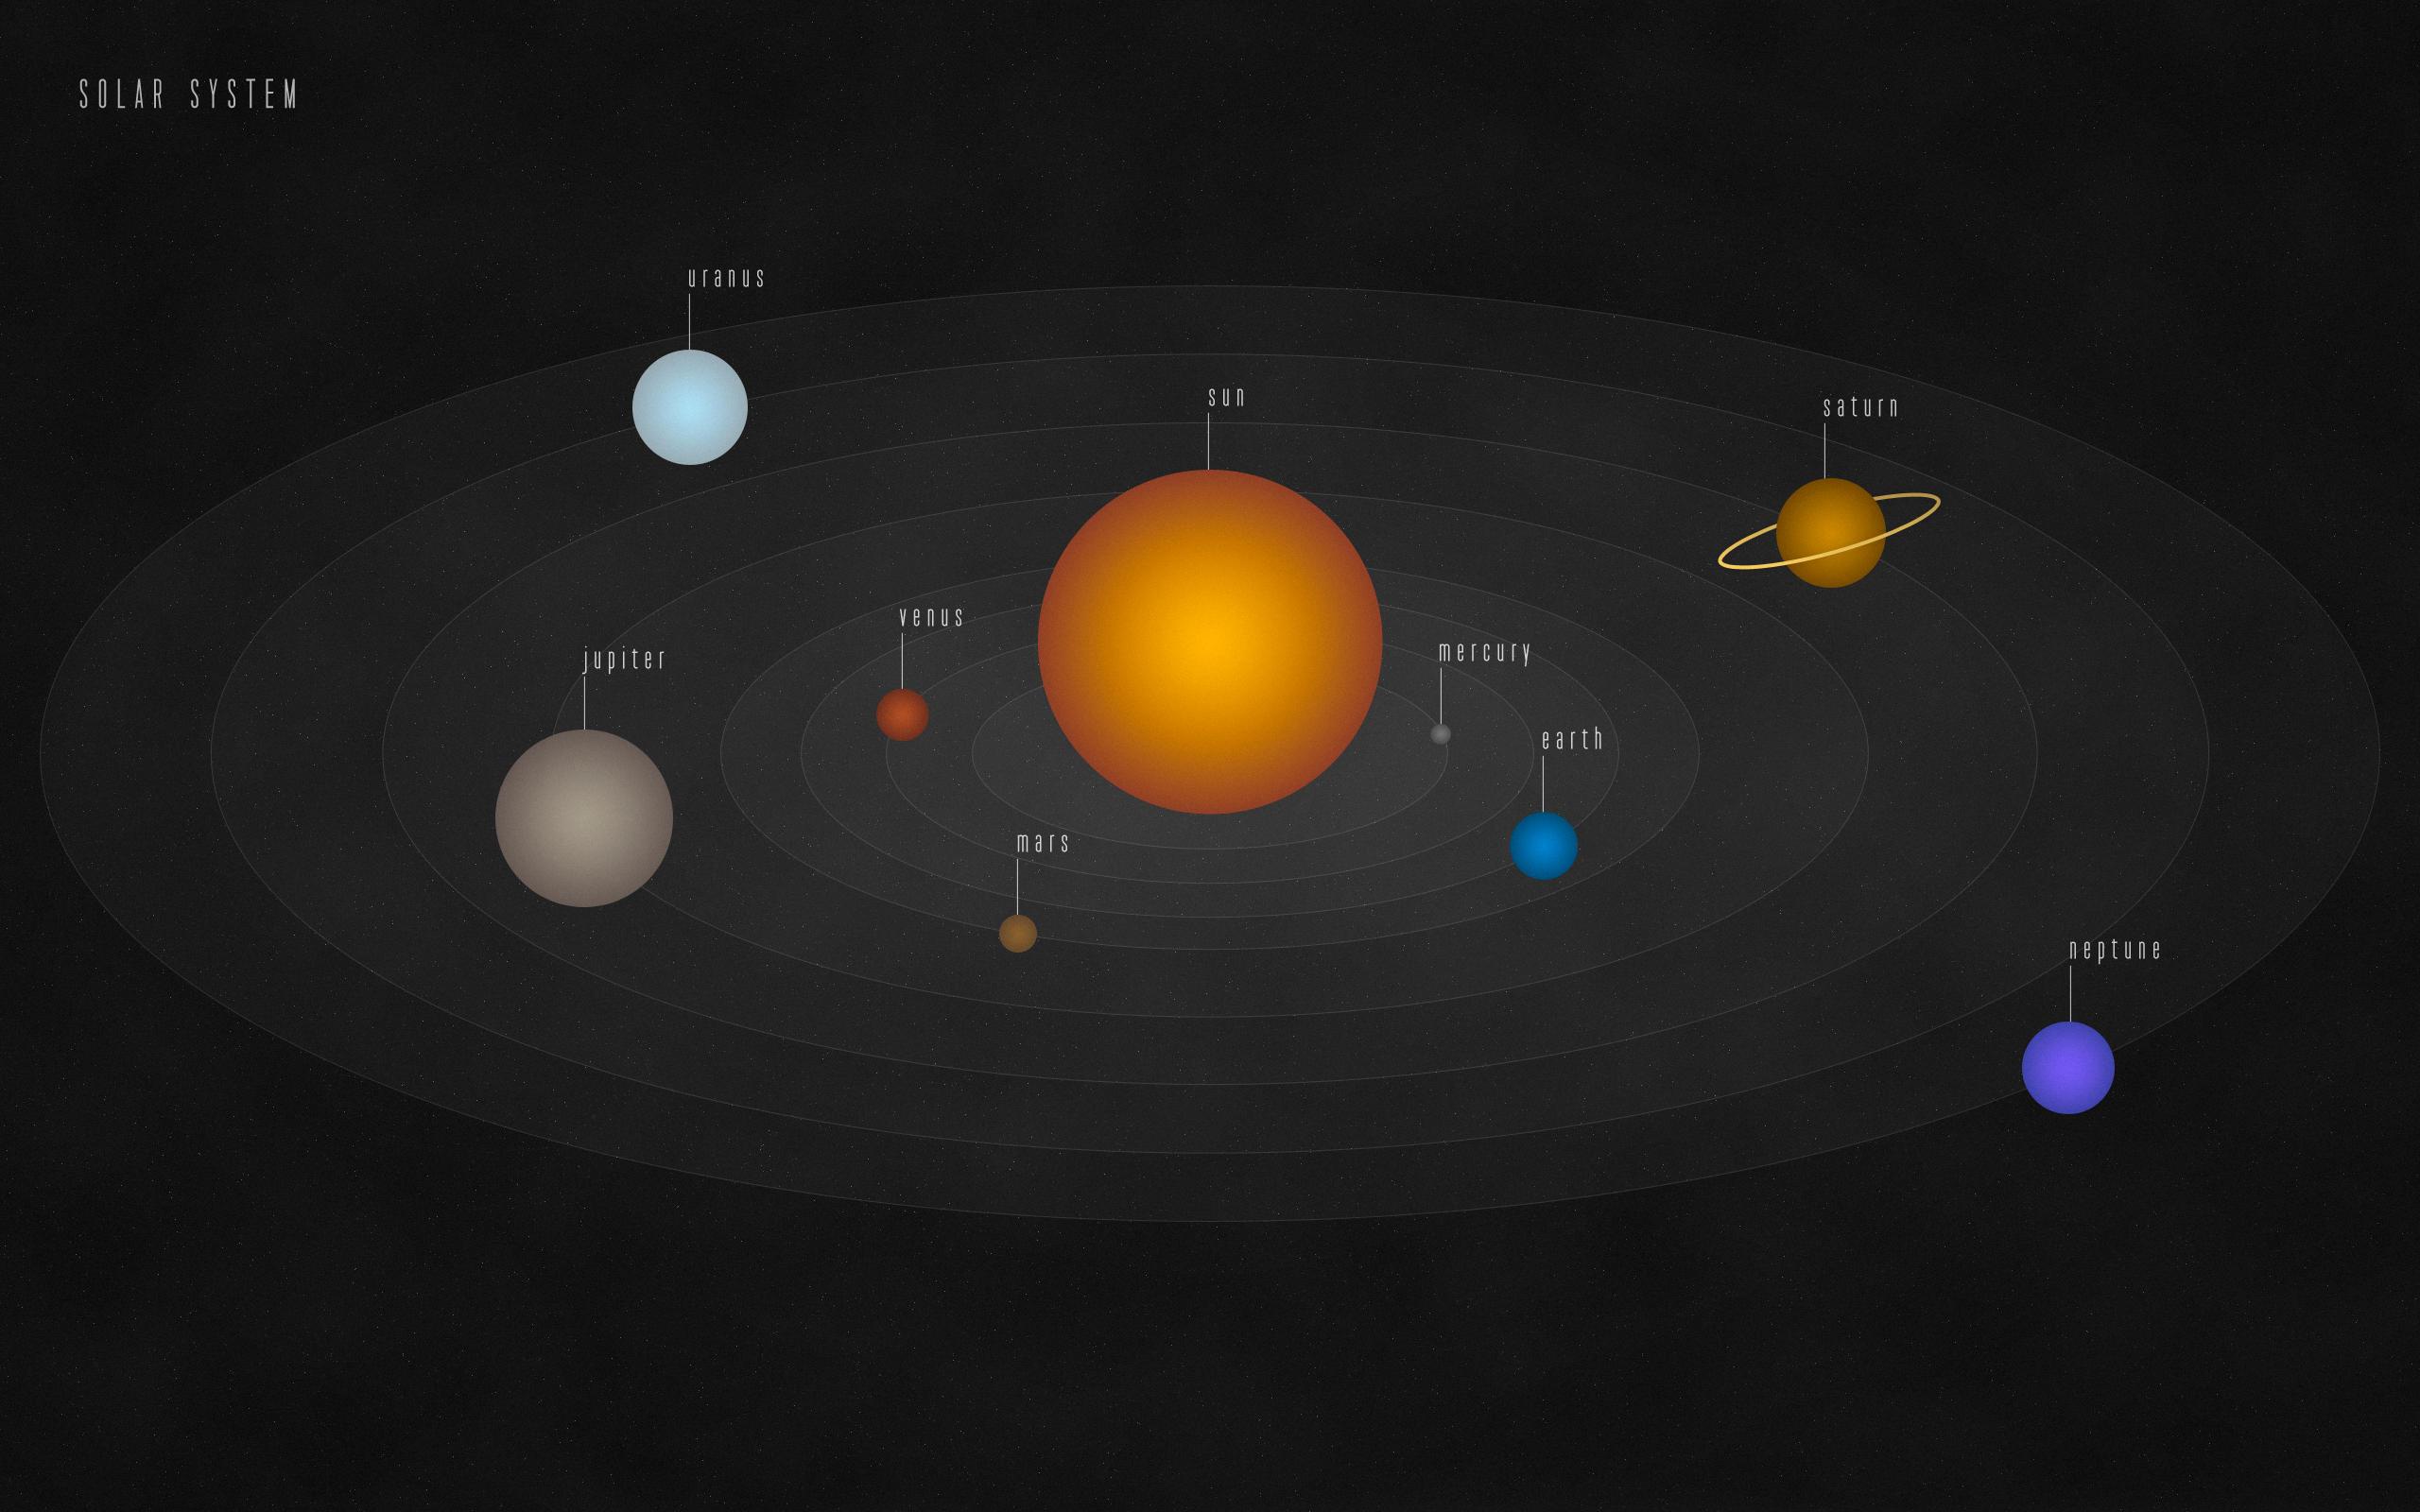 Solar System by Vma5